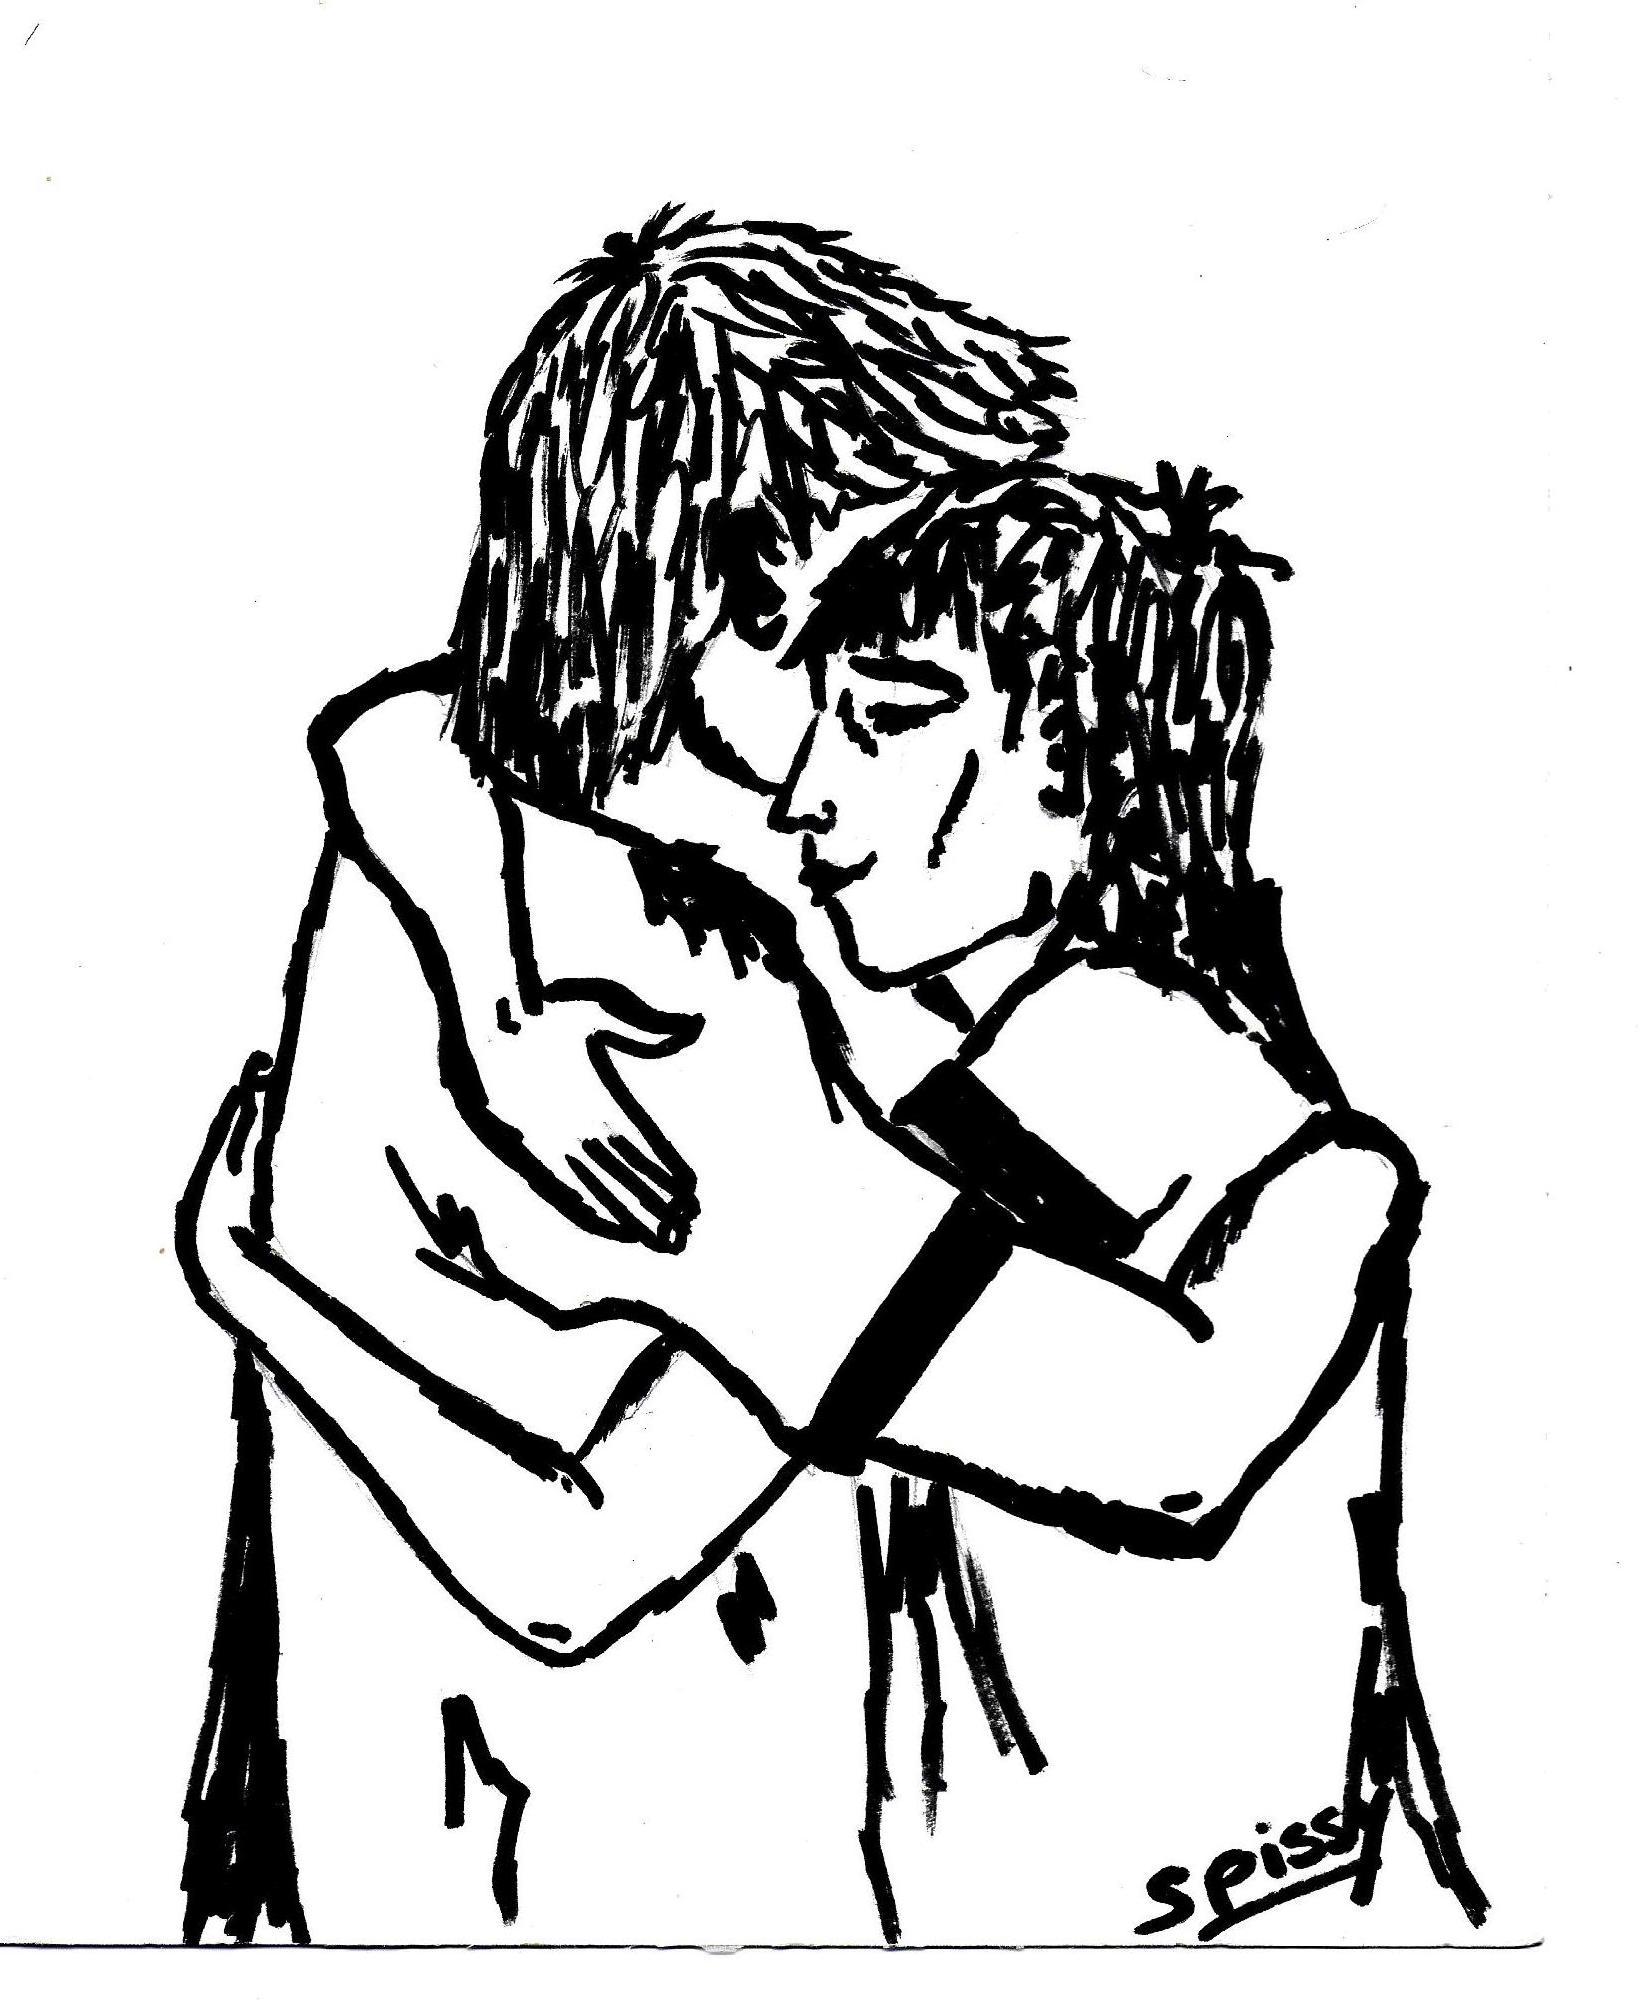 Dessin en noir et blanc, traits épais : deux personnes qui s'enlacent.